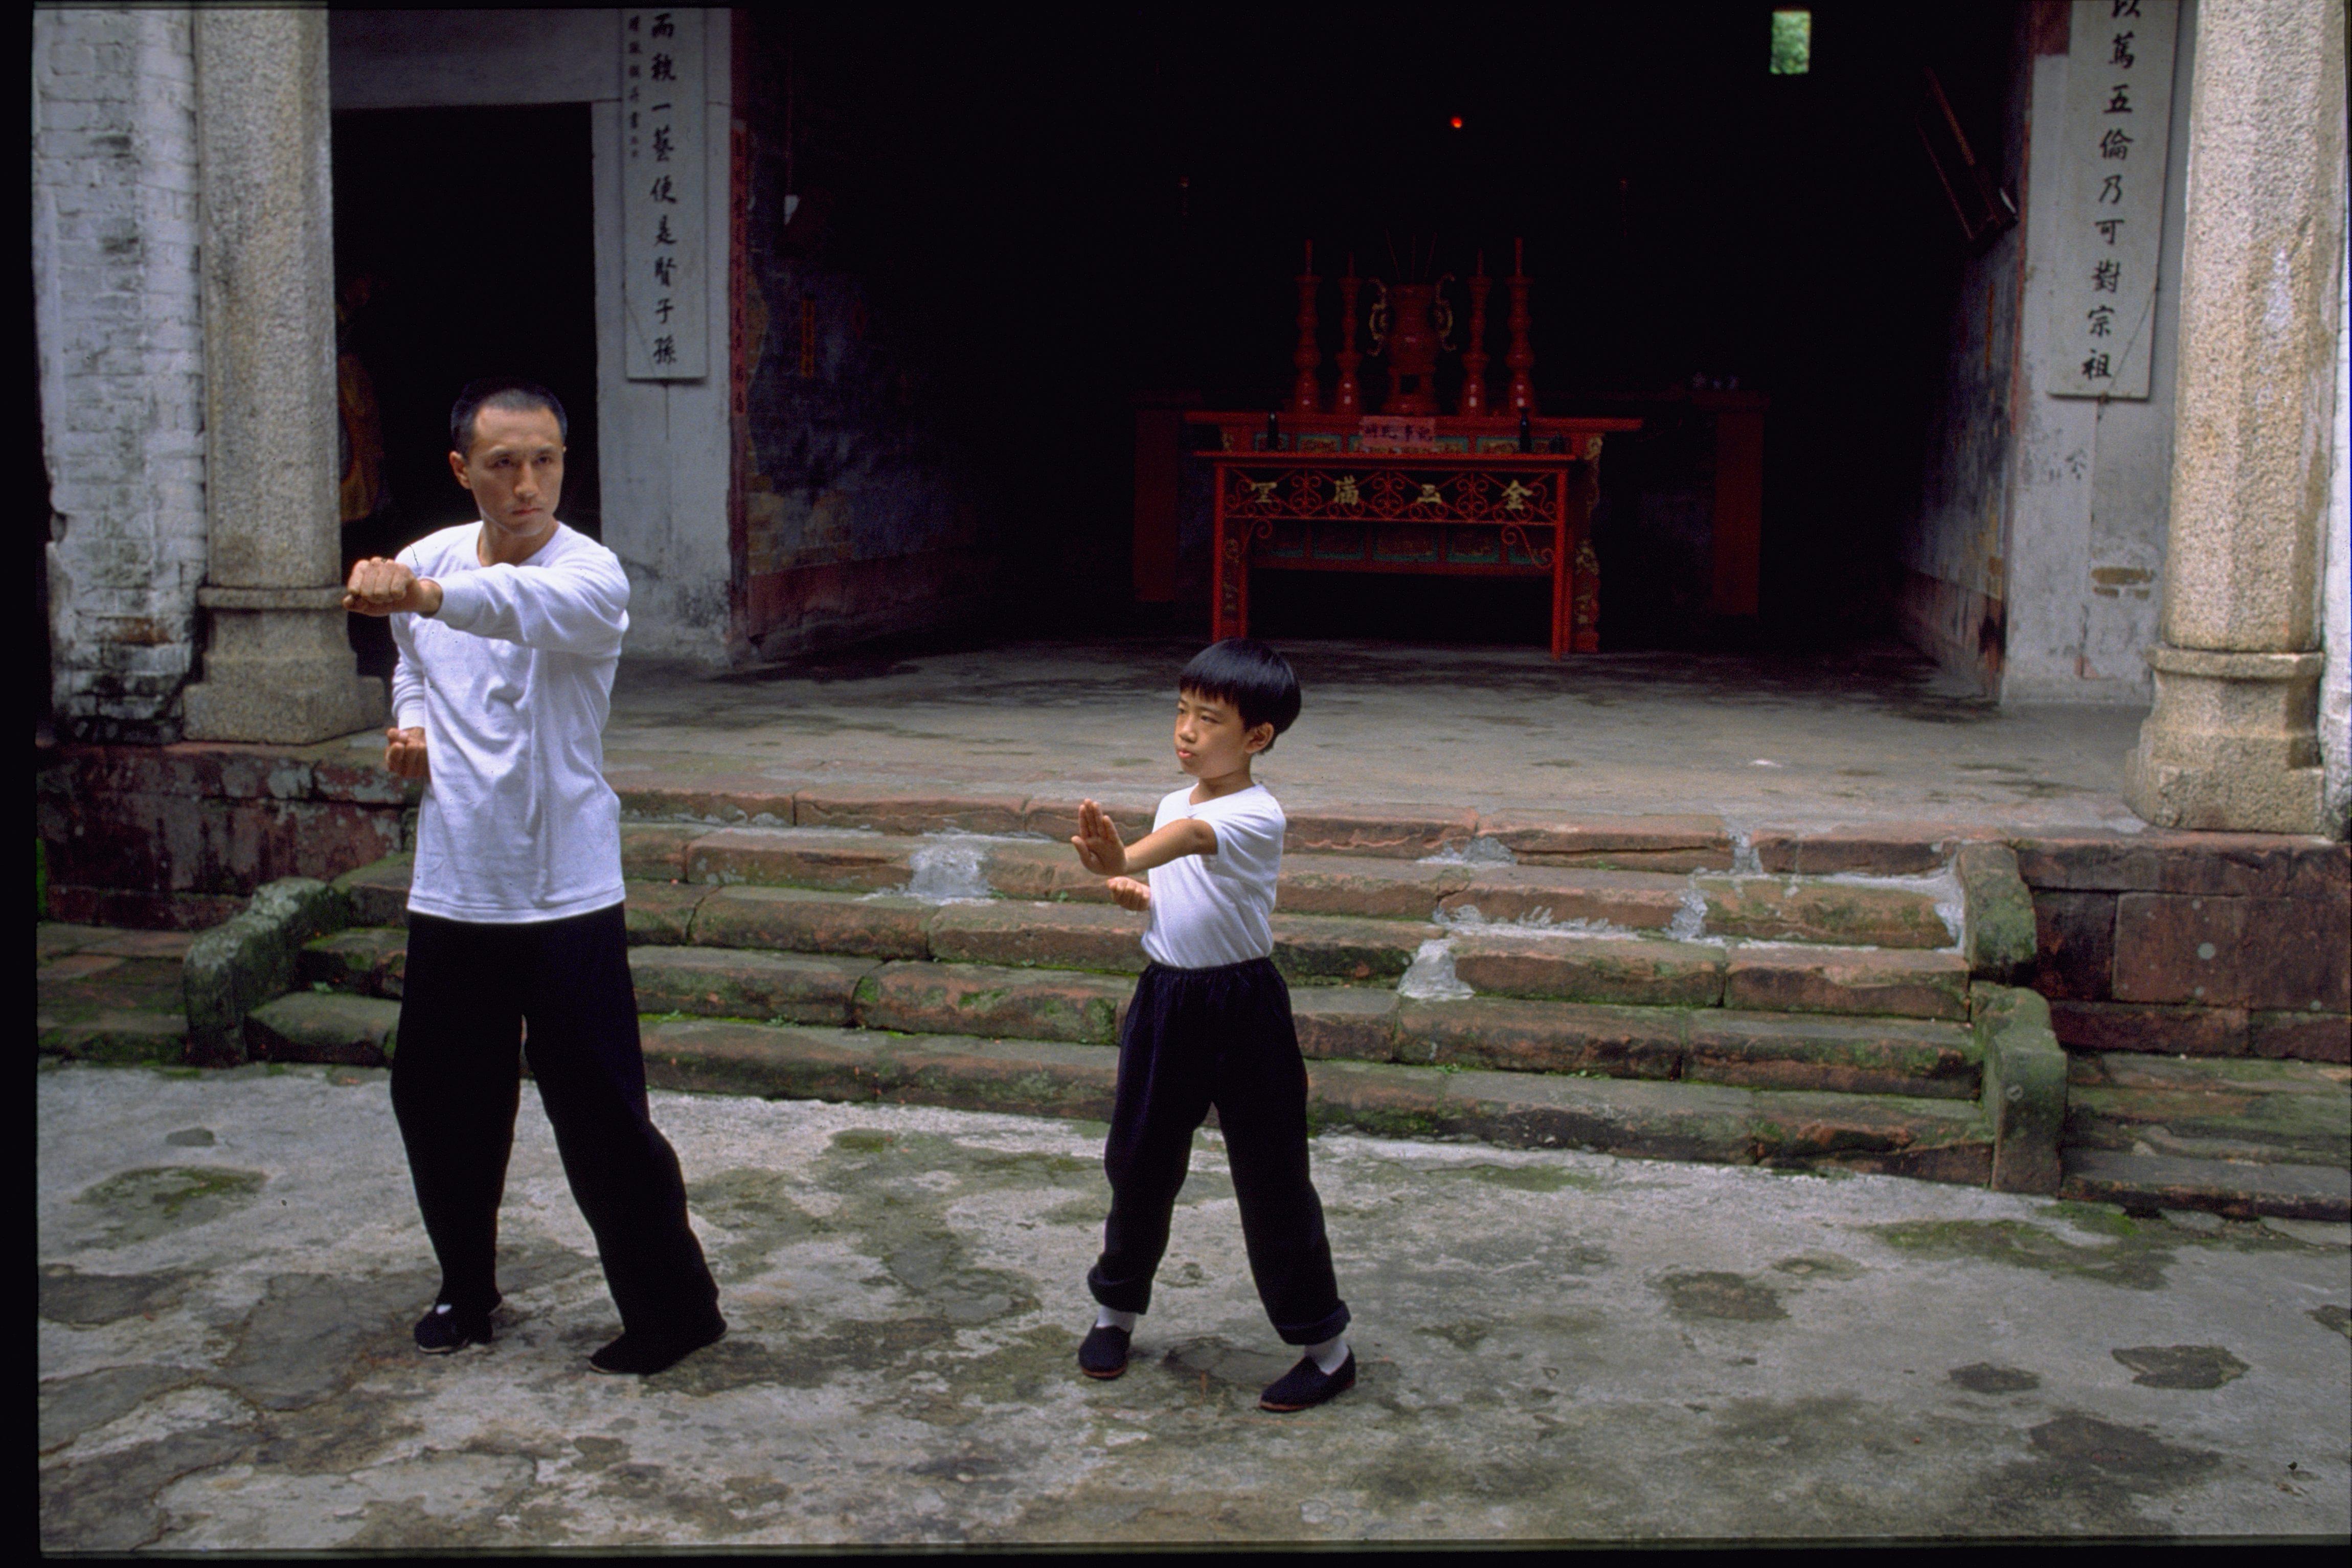 Dragon La Vida De Bruce Lee Dmax Rinde Homenaje Al Actor El